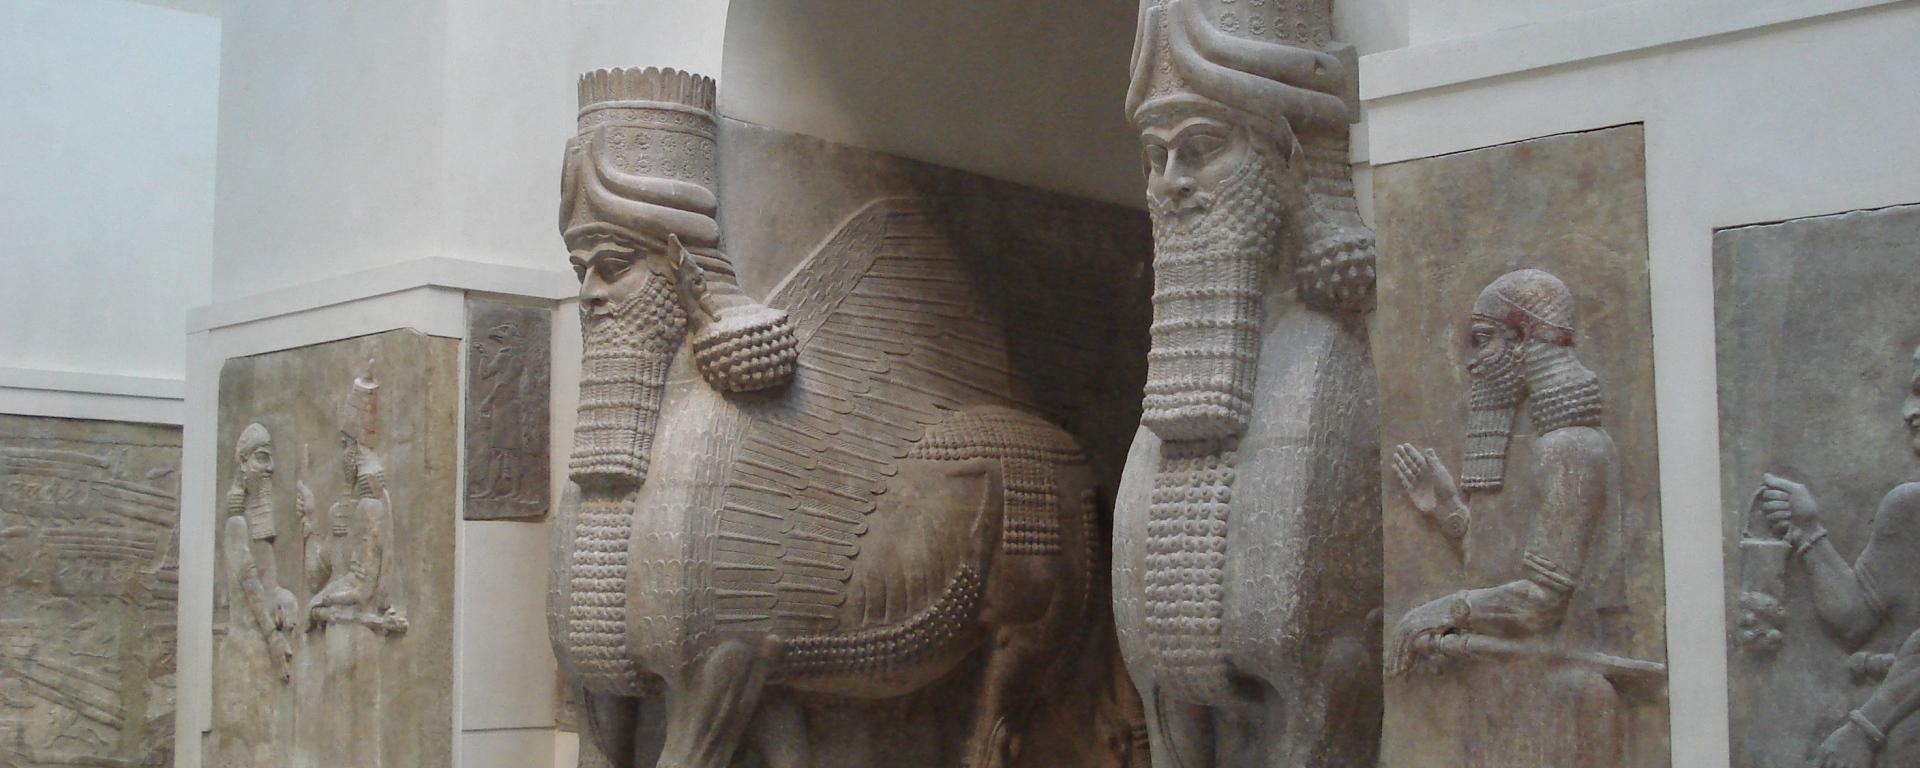 VESTIGES DU PALAIS DE KHORSABAD musée du louvre